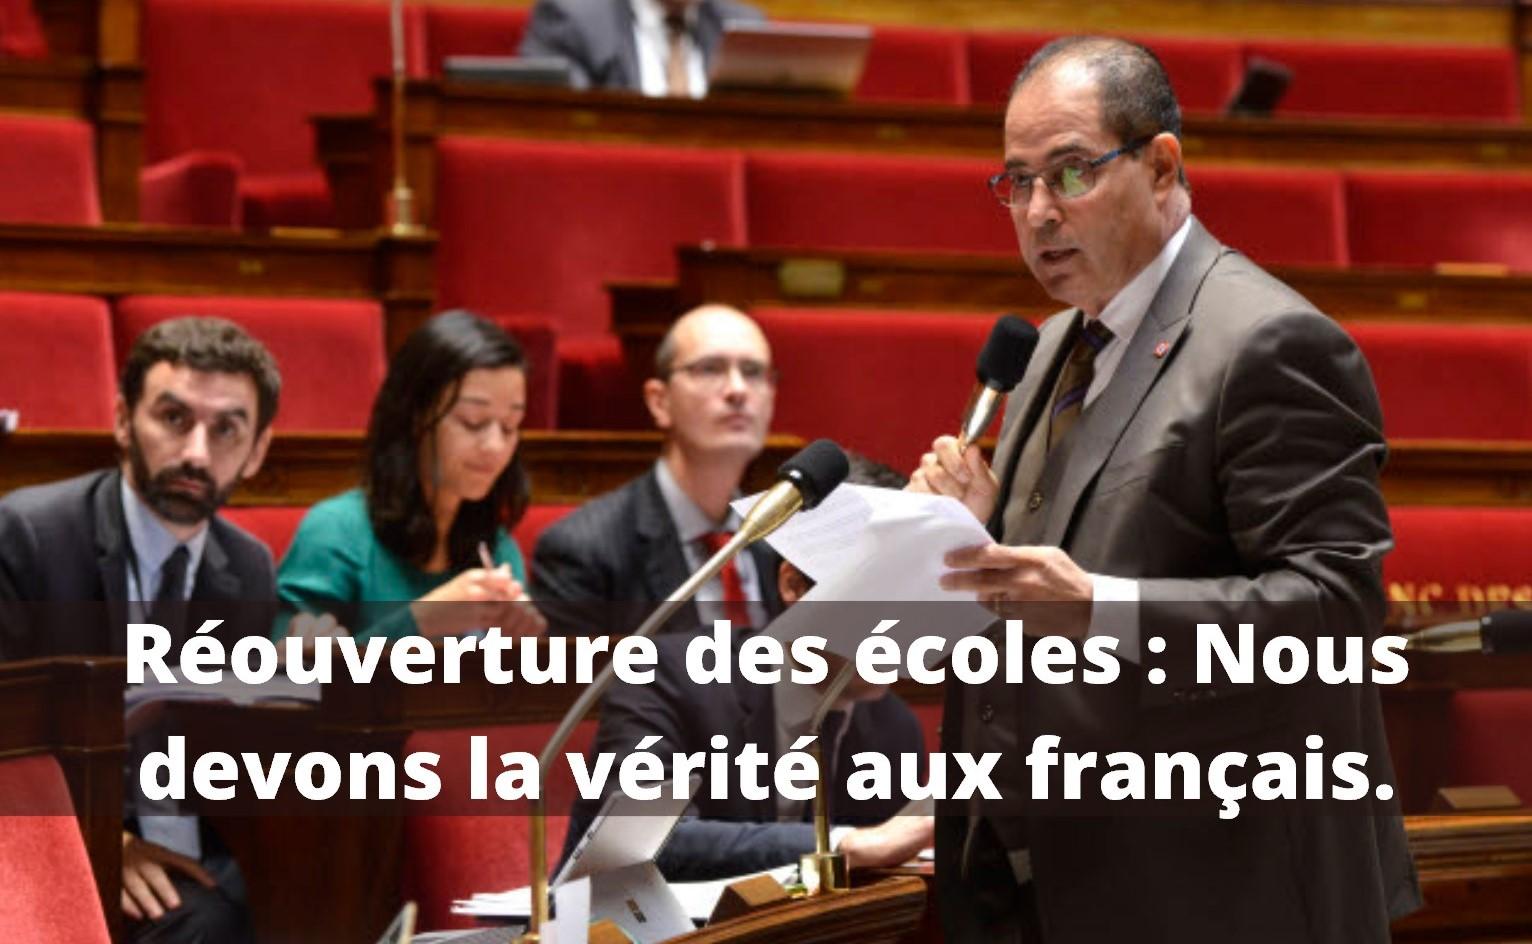 Réouverture Des écoles : De La Nécessaire Reprise économique, Nous Devons La Vérité Aux Français.